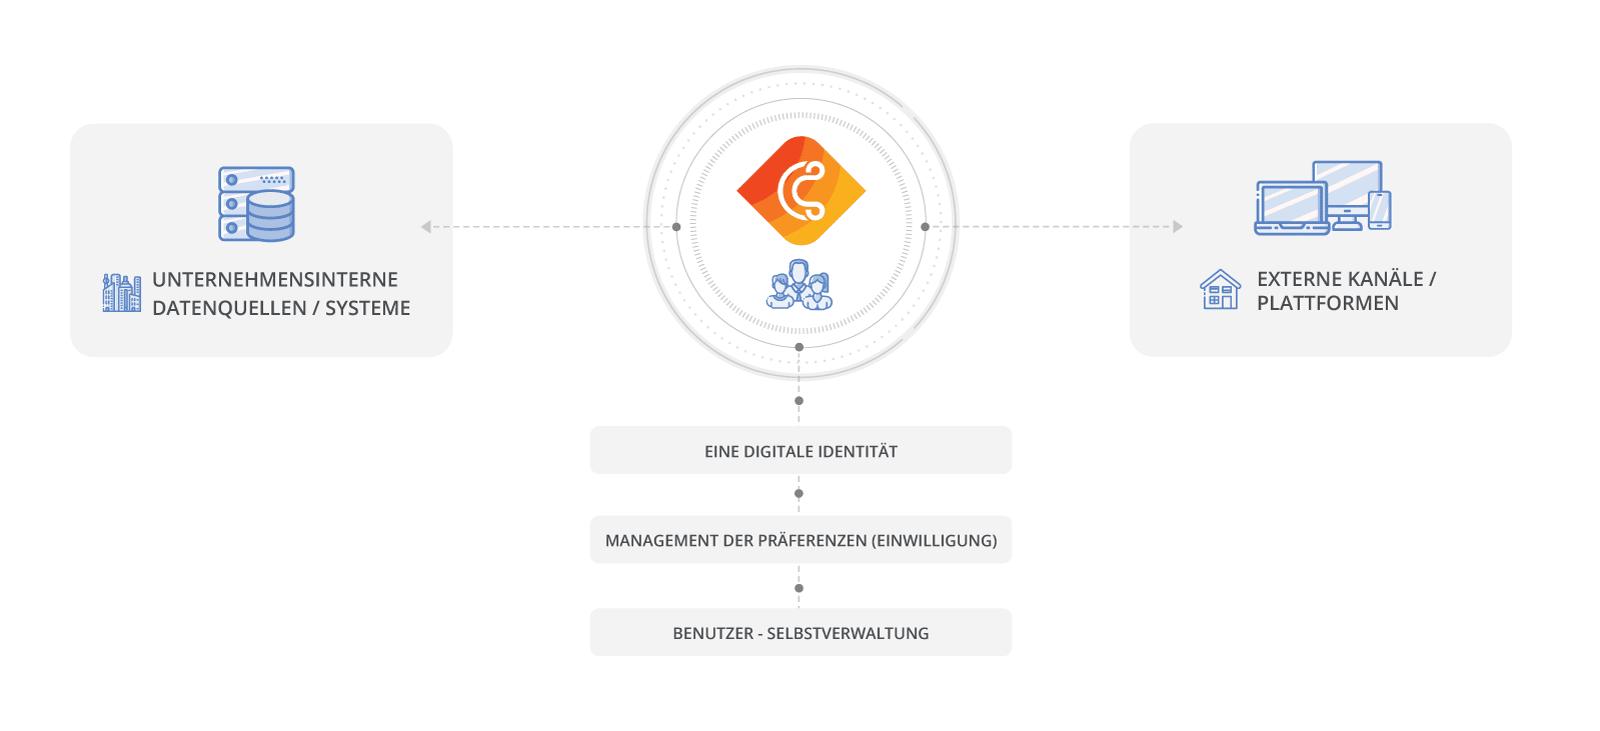 cidaas zentralisiert die Verwaltung Ihrer digitalen Identitäten auf einer Plattform